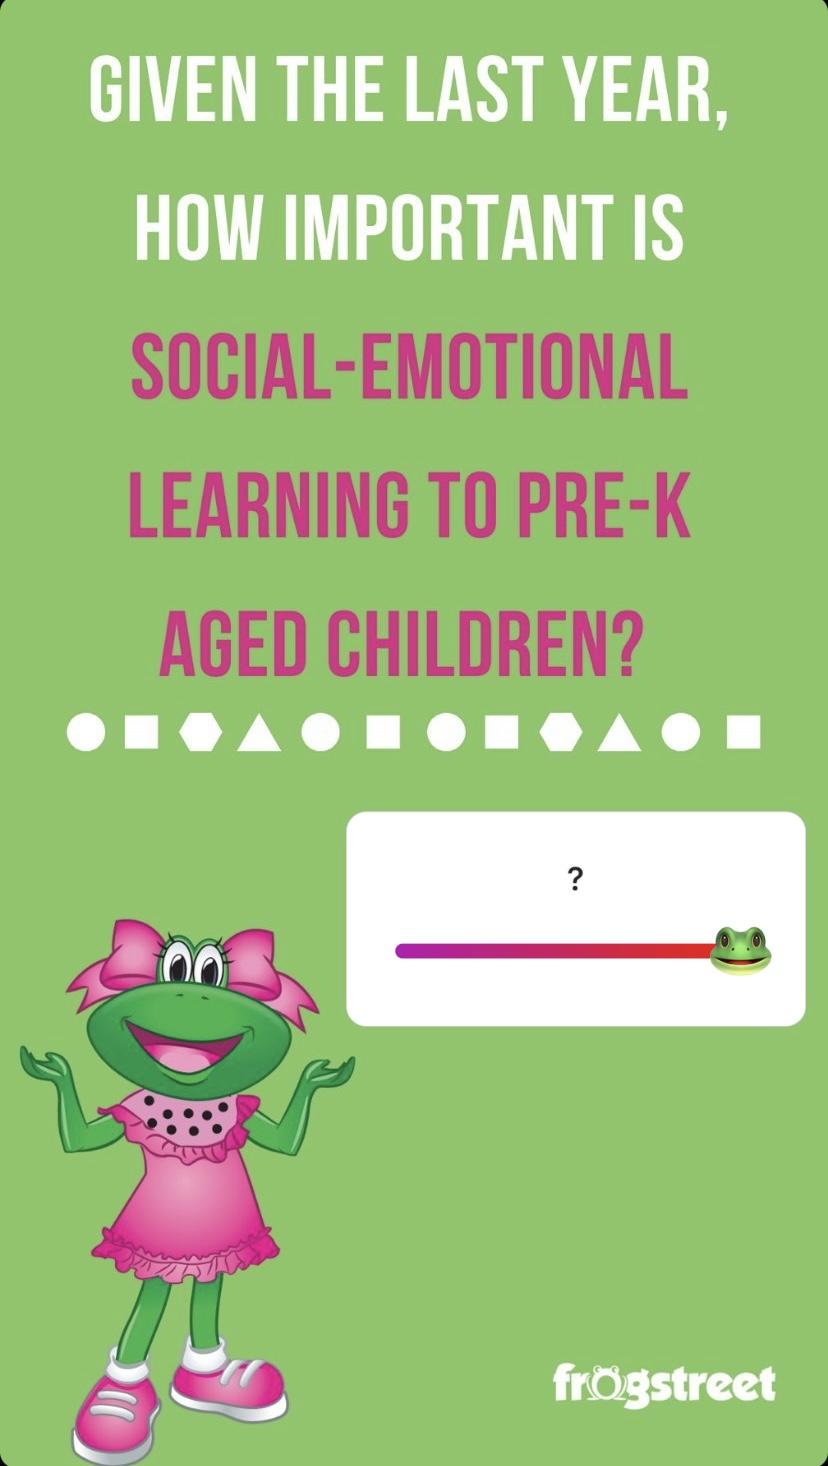 20210519-Frrog Street- Social Emotinoal IG Poll Results